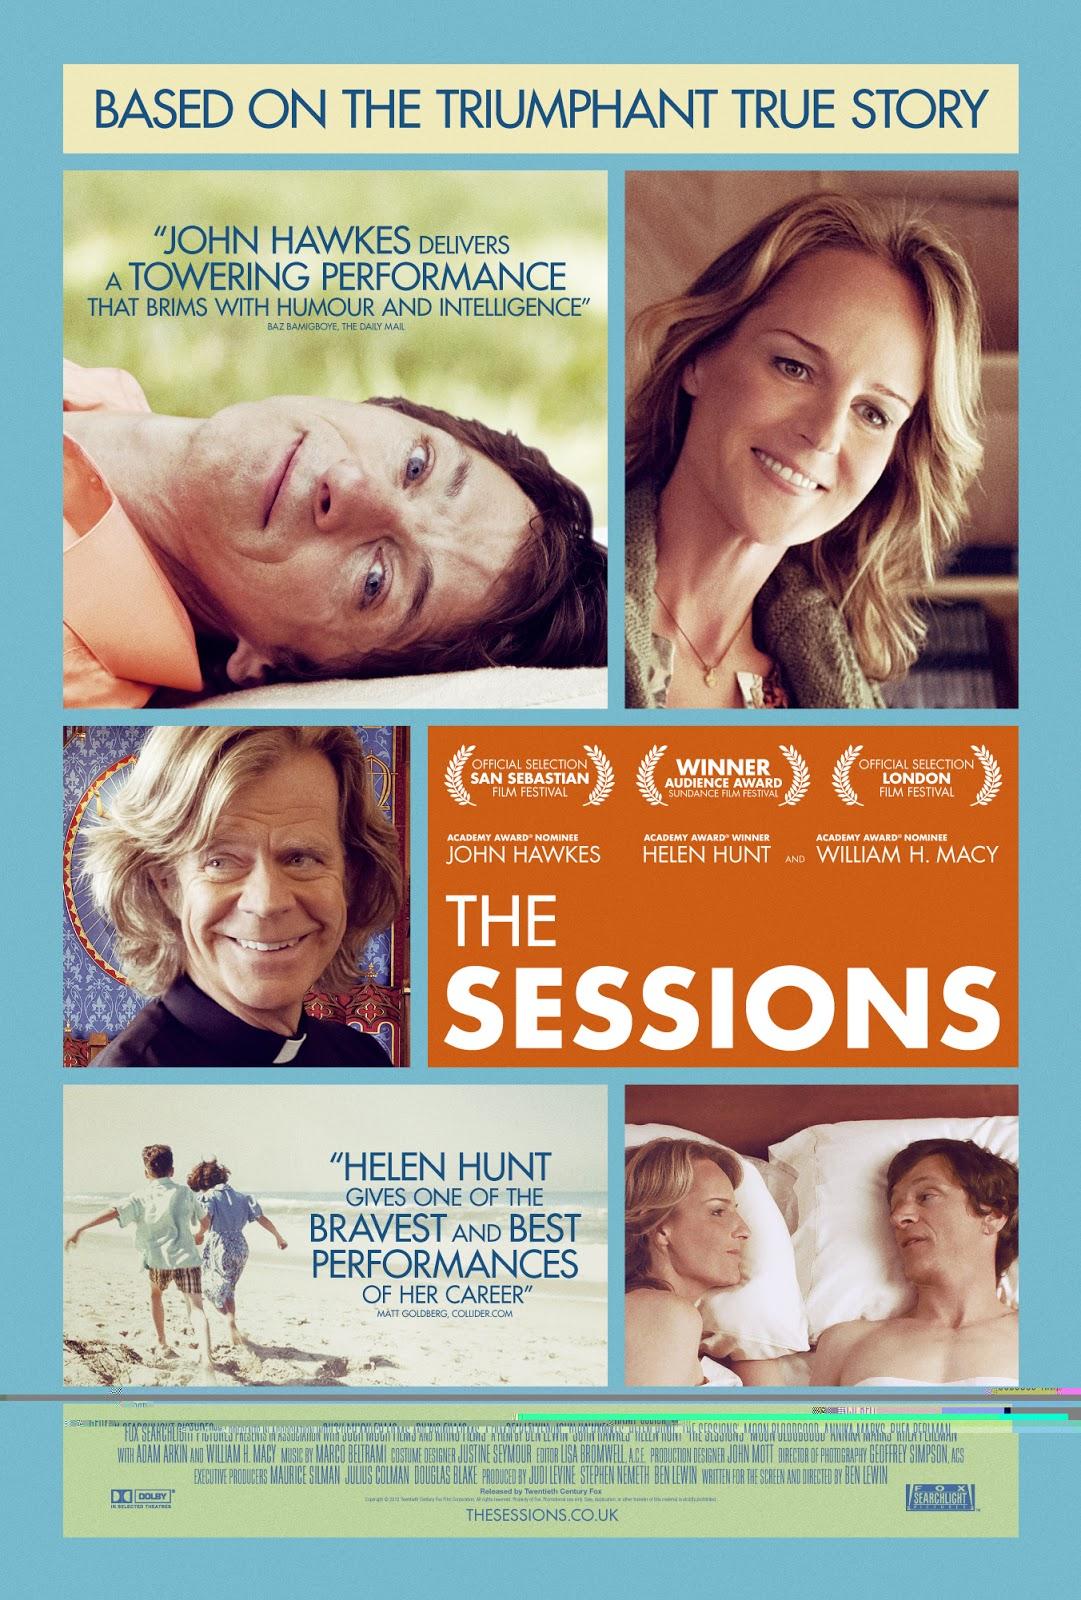 http://3.bp.blogspot.com/-7eZ7E1UixJg/URT2Ps1P-FI/AAAAAAAAD0Q/_ayOxAOjD4Q/s1600/The-Sessions-Poster1.jpg